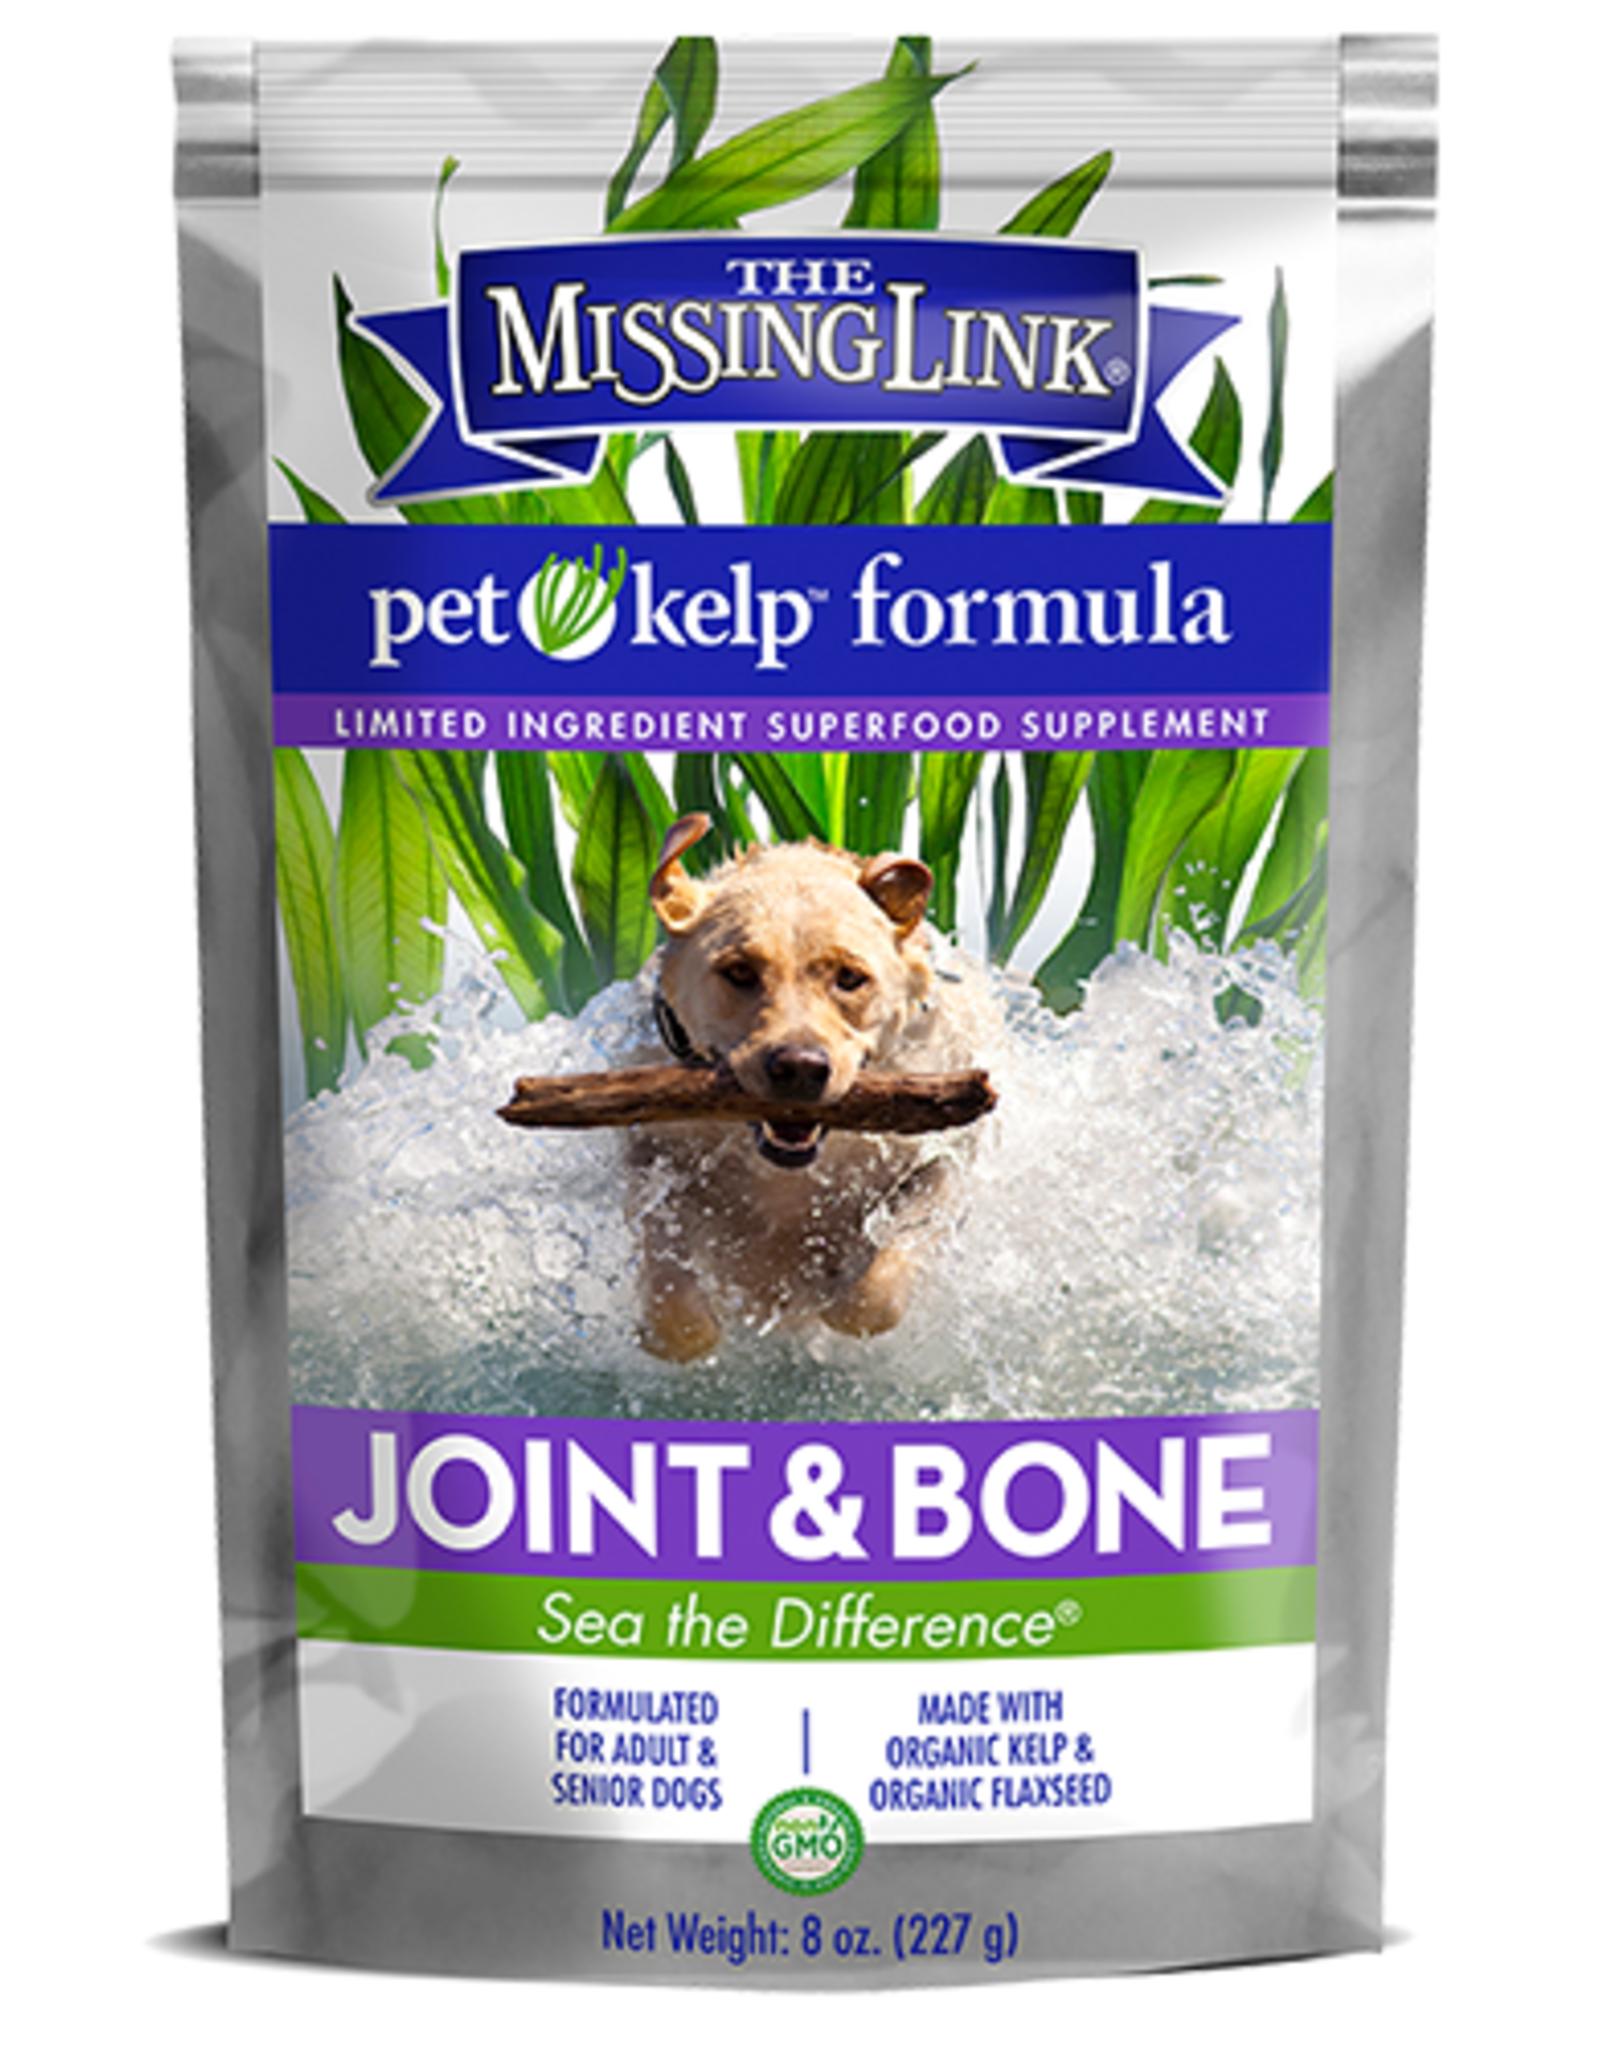 Missing LInk The Missing Link Joint & Bone 8oz